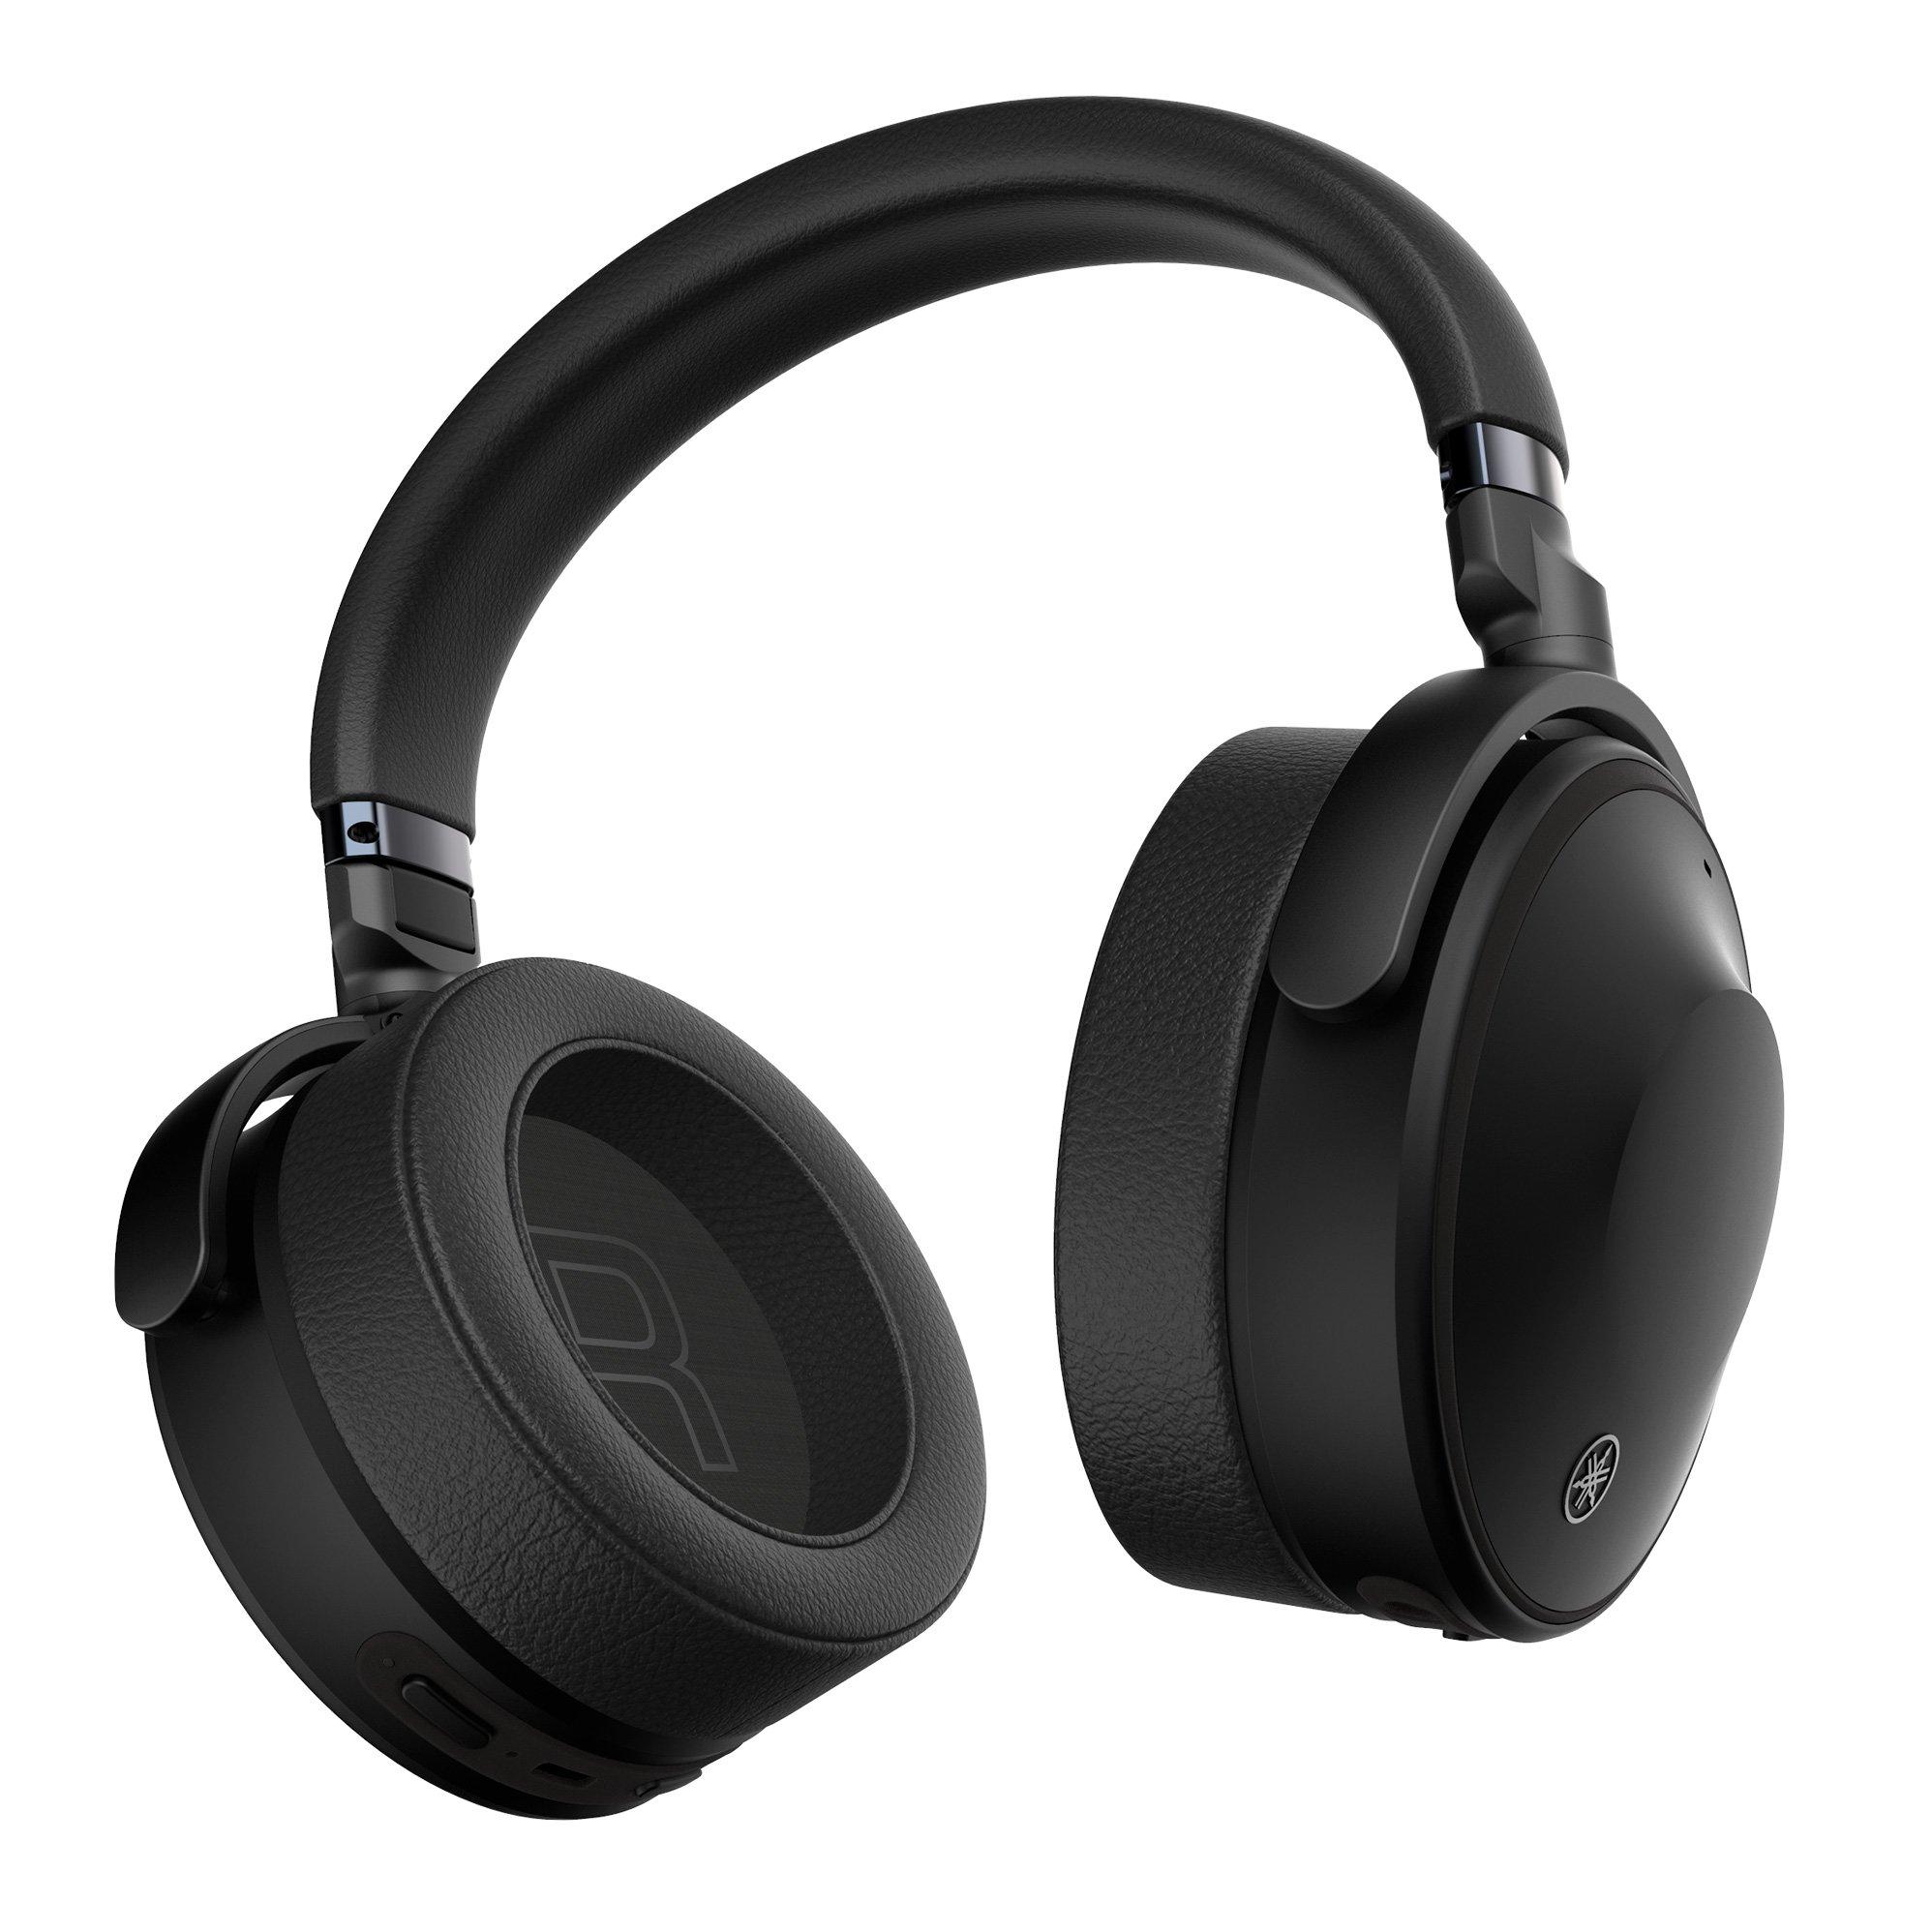 2500 TL Üzeri Kulaküstü Bluetooth Kulaklık Önerileri